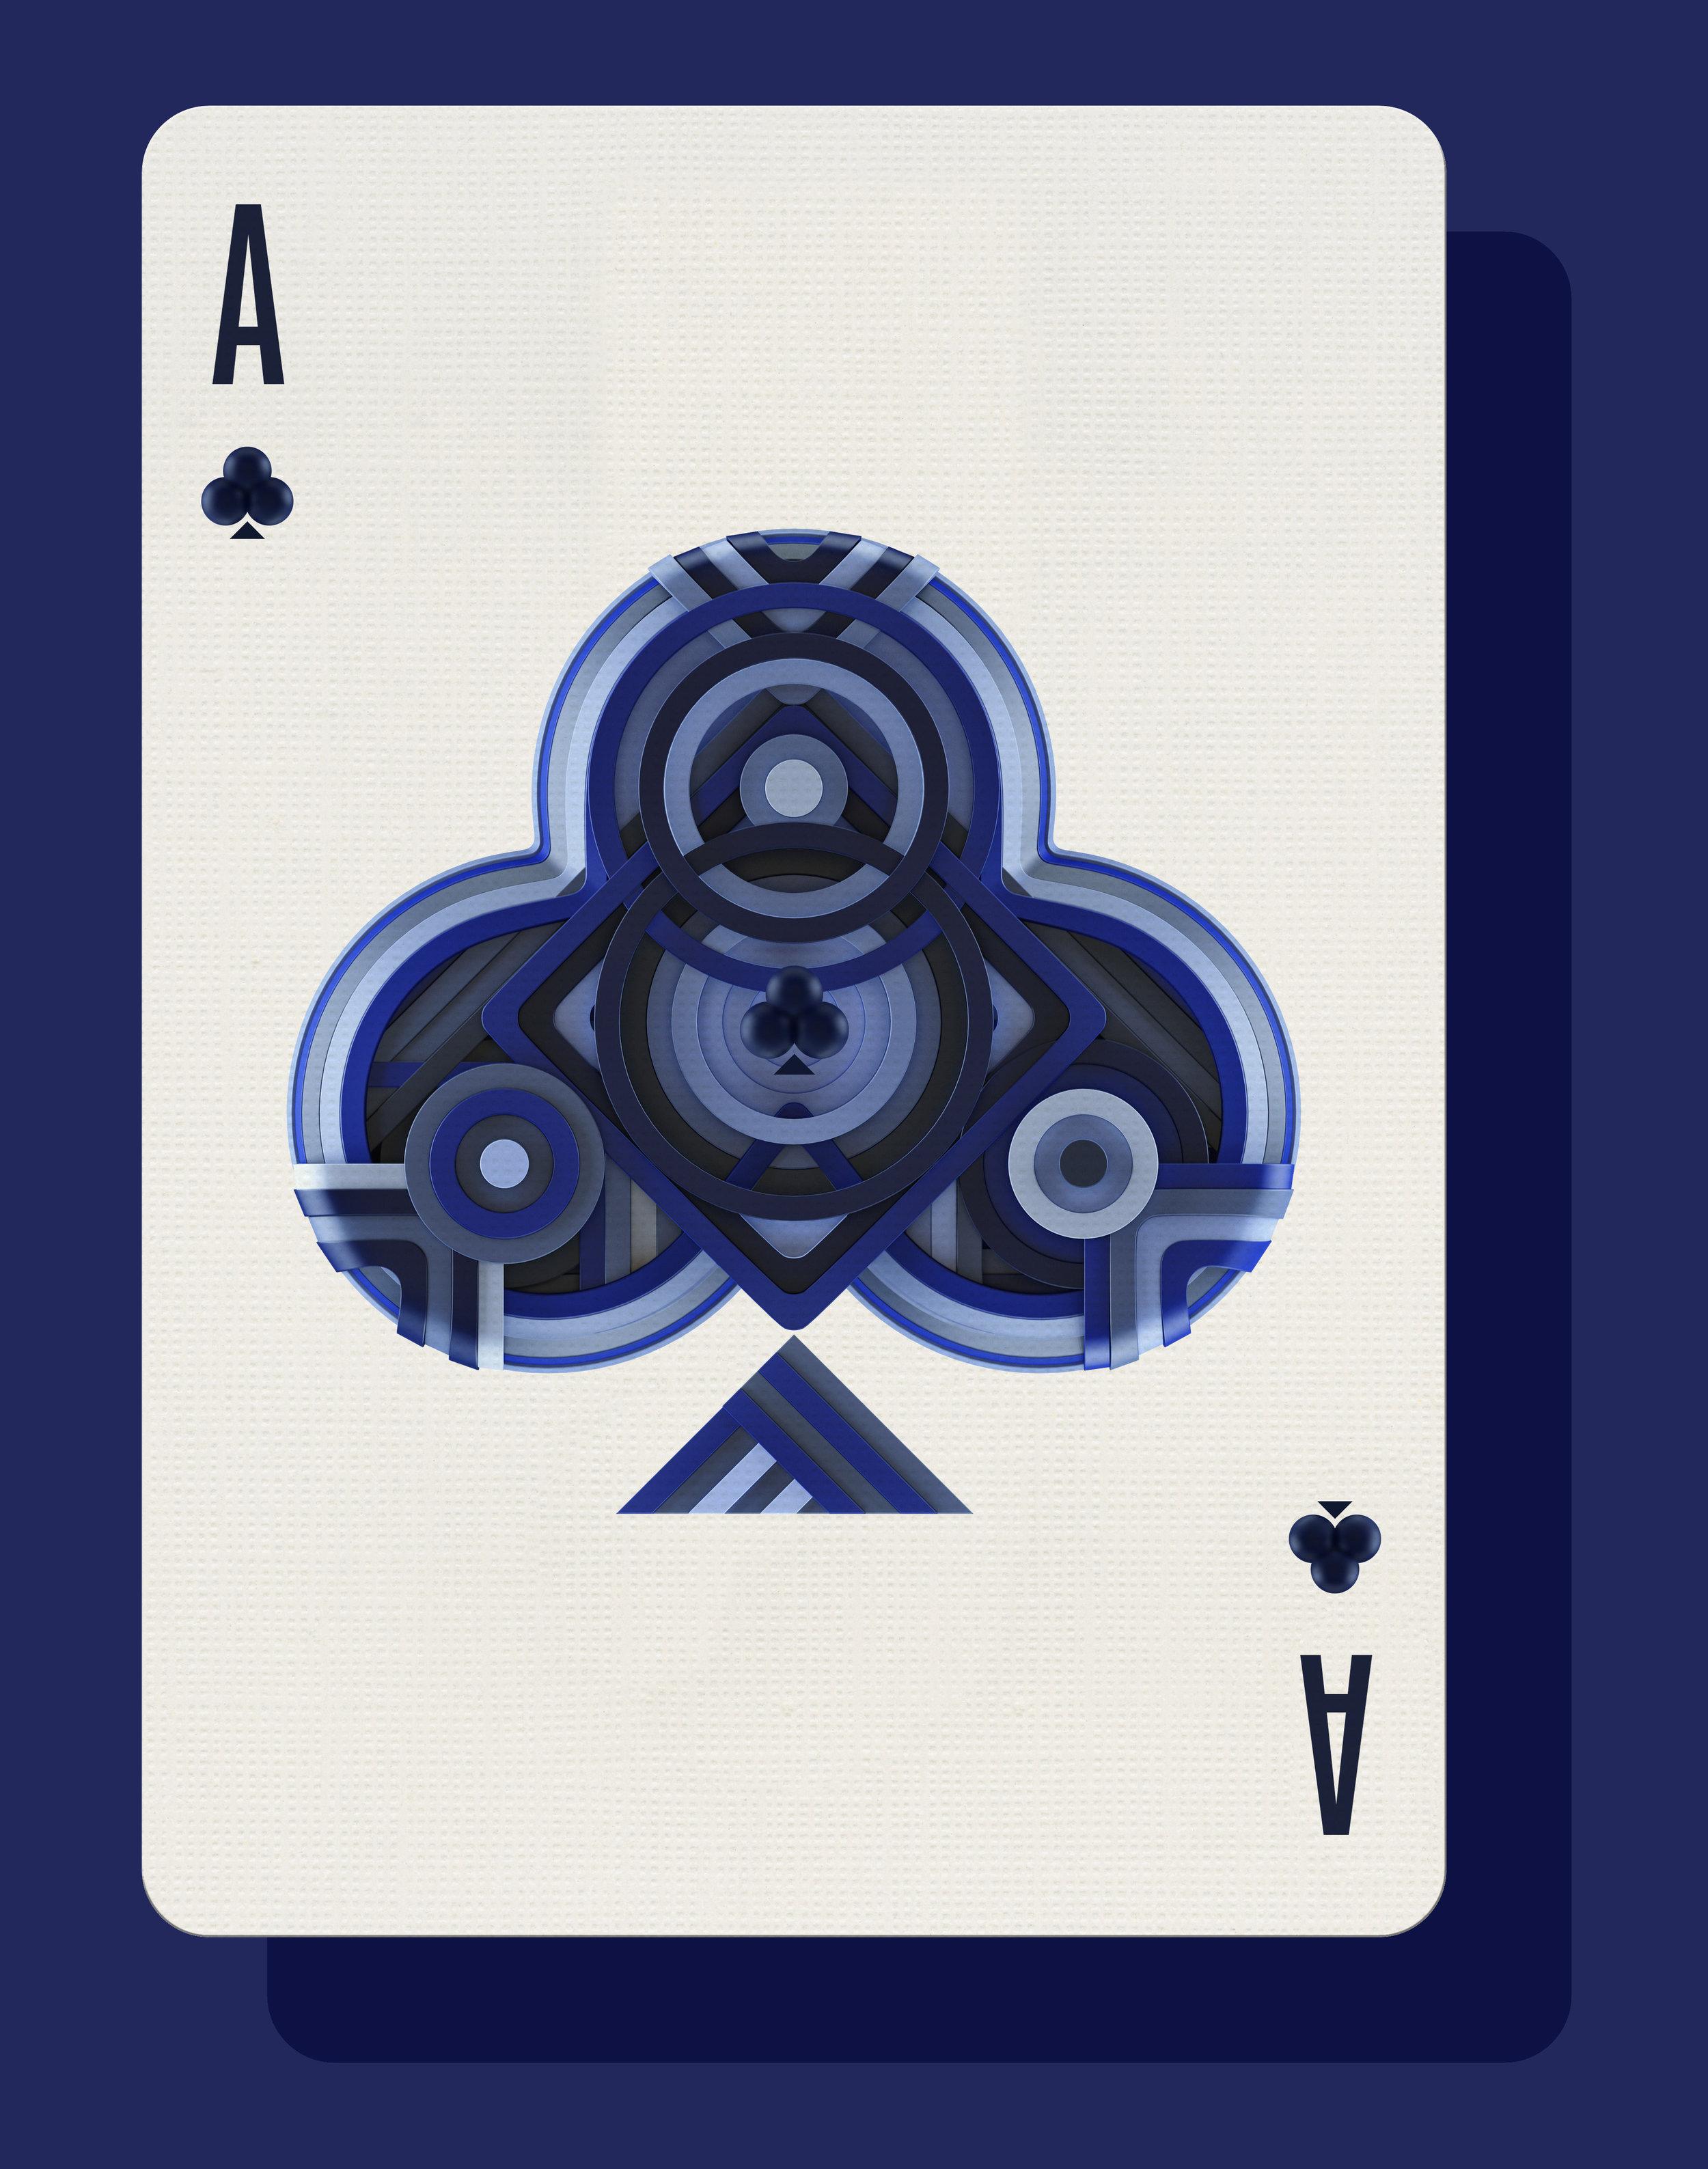 ACE_clubs.jpg